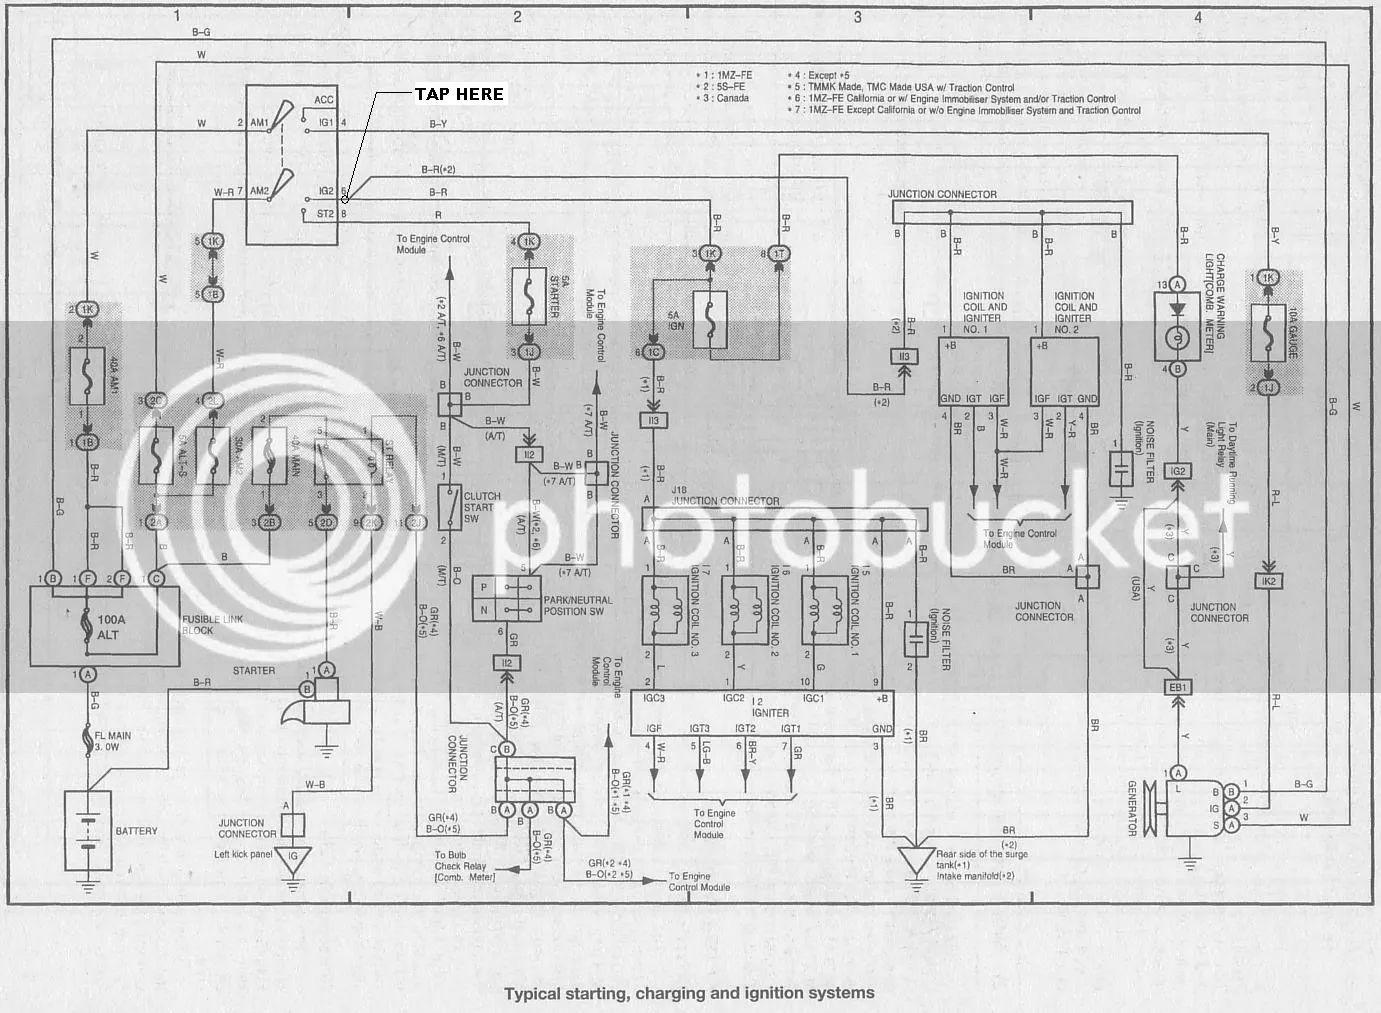 93 toyota previa fuse box diagram